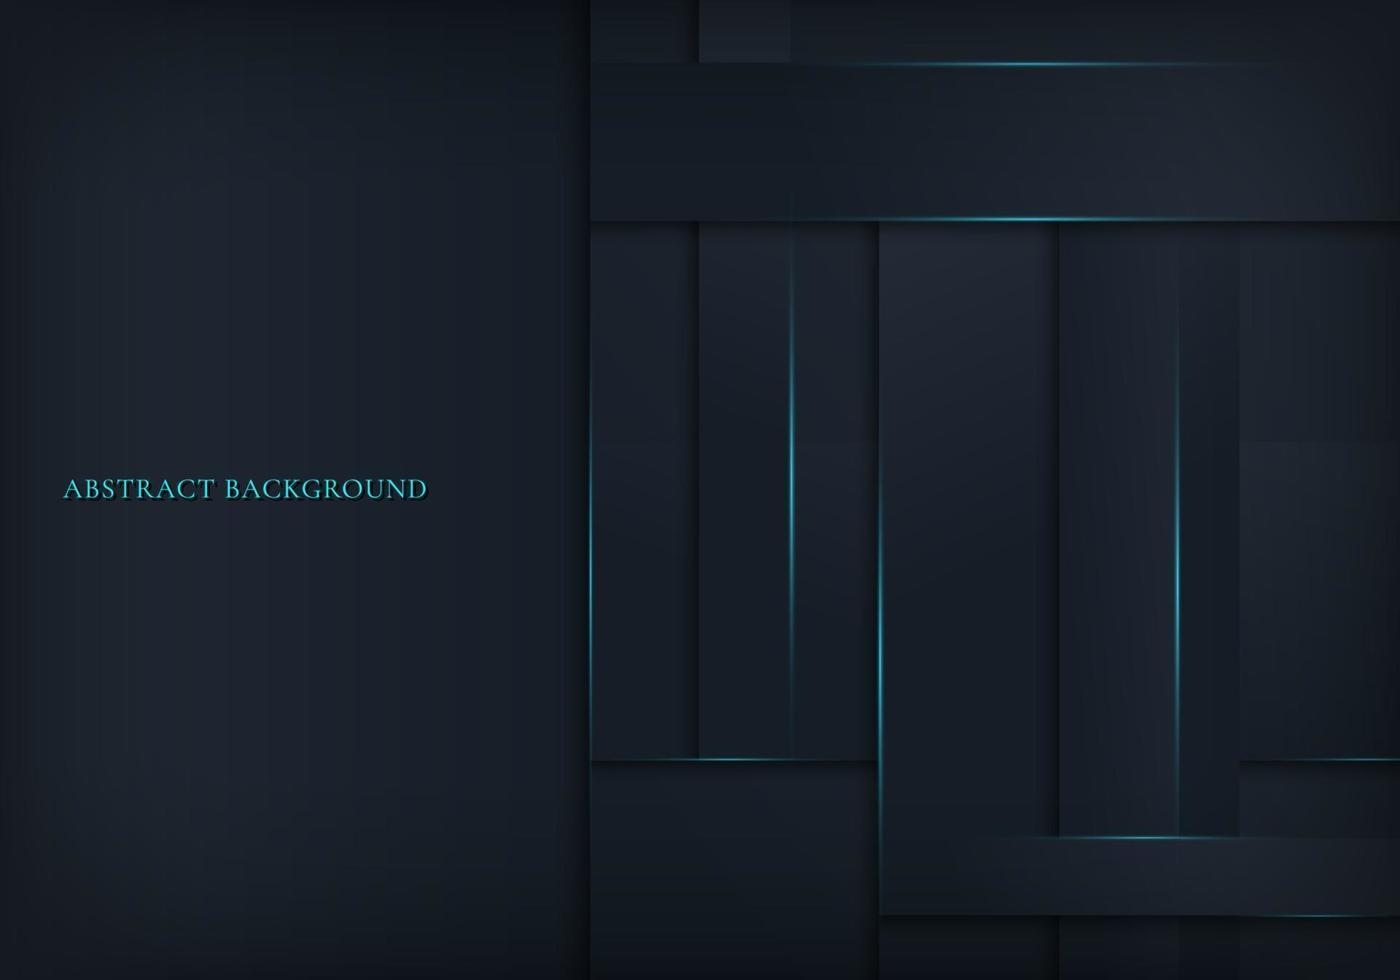 abstrakter Hintergrund dunkelblaue Streifen Papierschnittschichtstil mit Beleuchtung. vektor